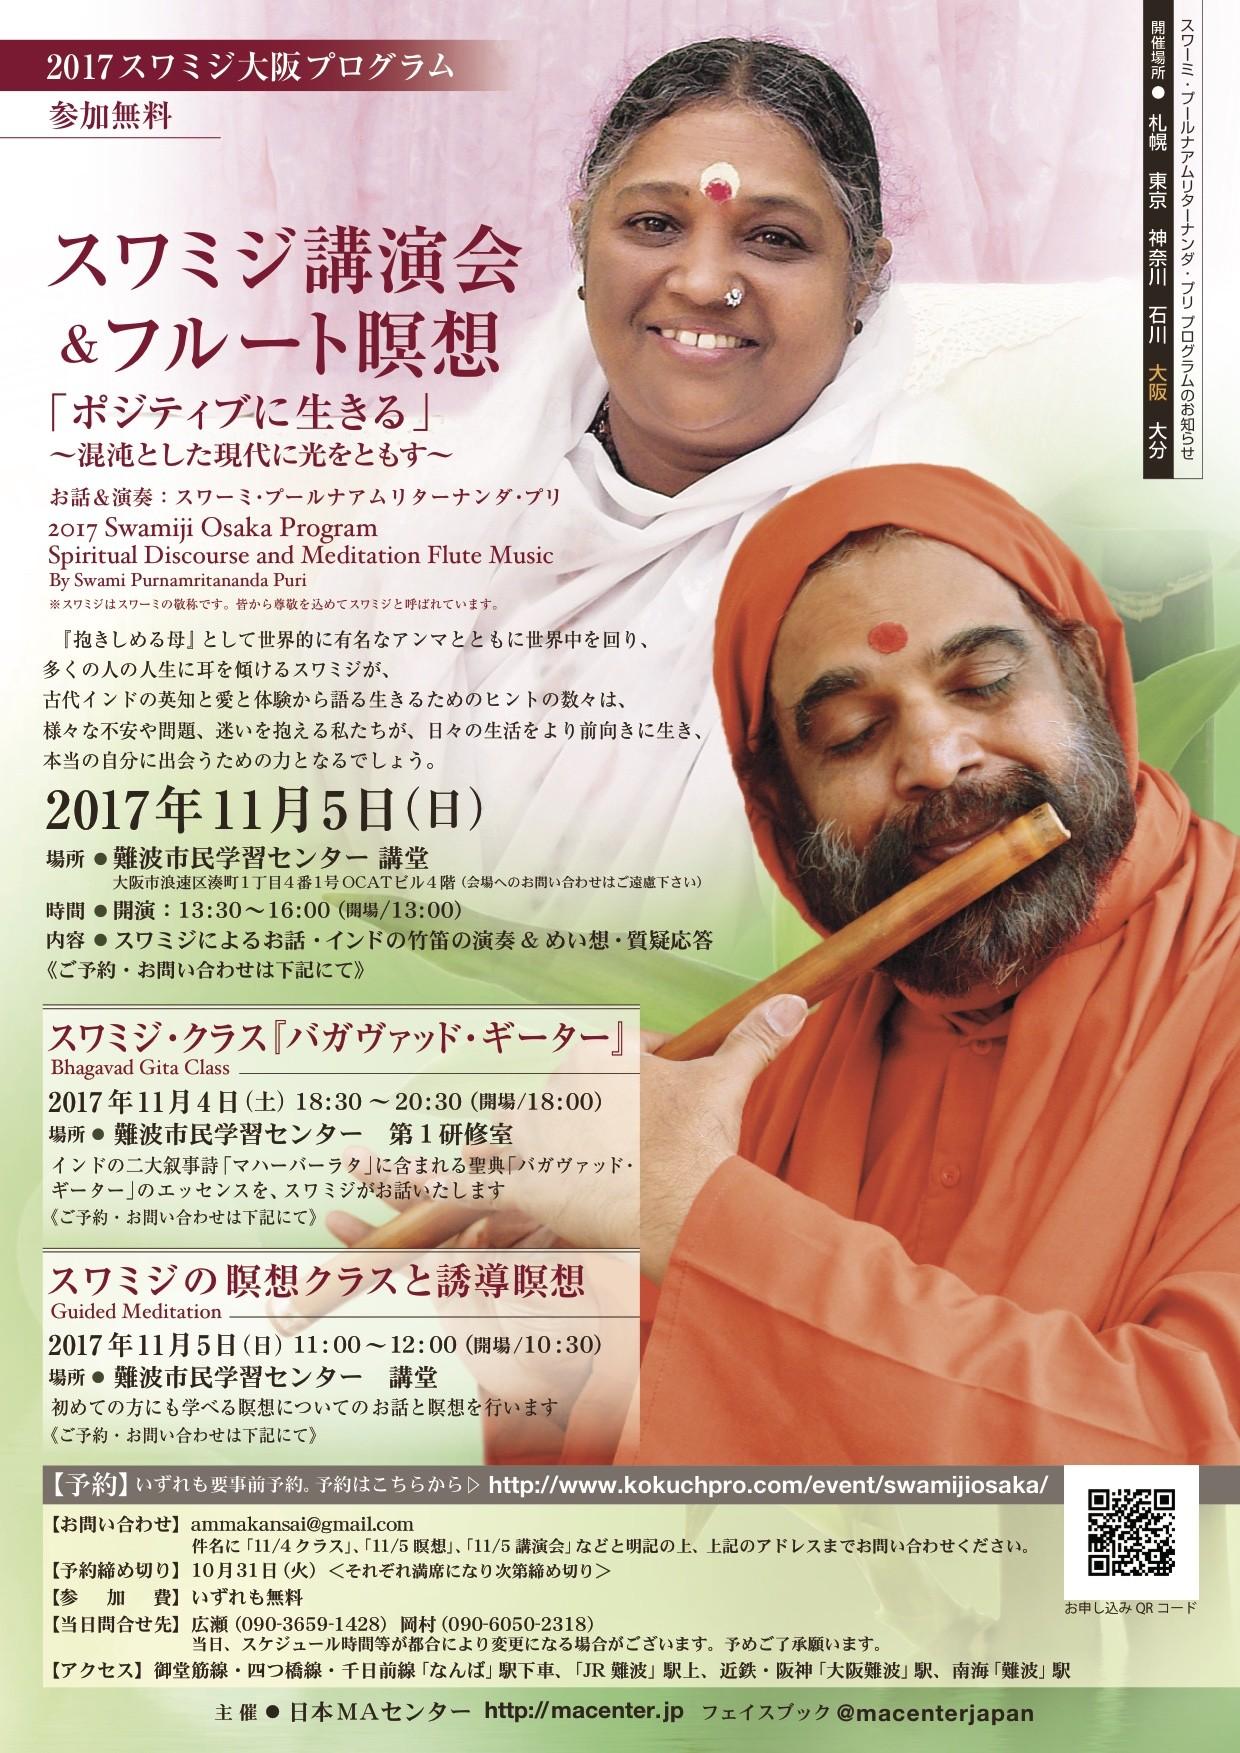 聖者アンマの高弟、スワミジ氏が来日します。:★11月4日〜5日 スワミジ来日プログラム★